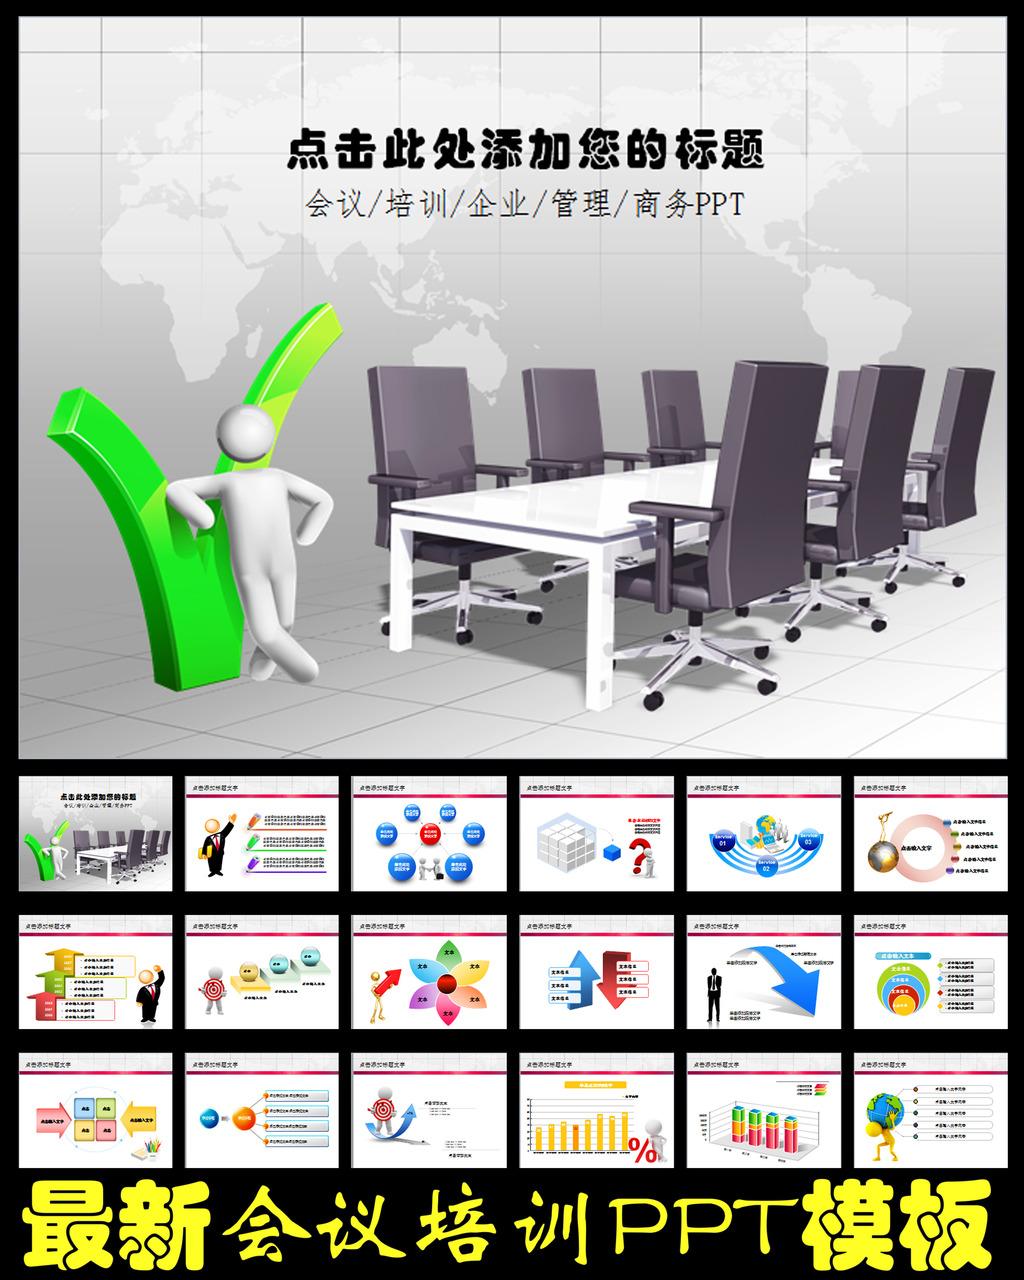 职业培训讲座教育商务会议动态ppt模板